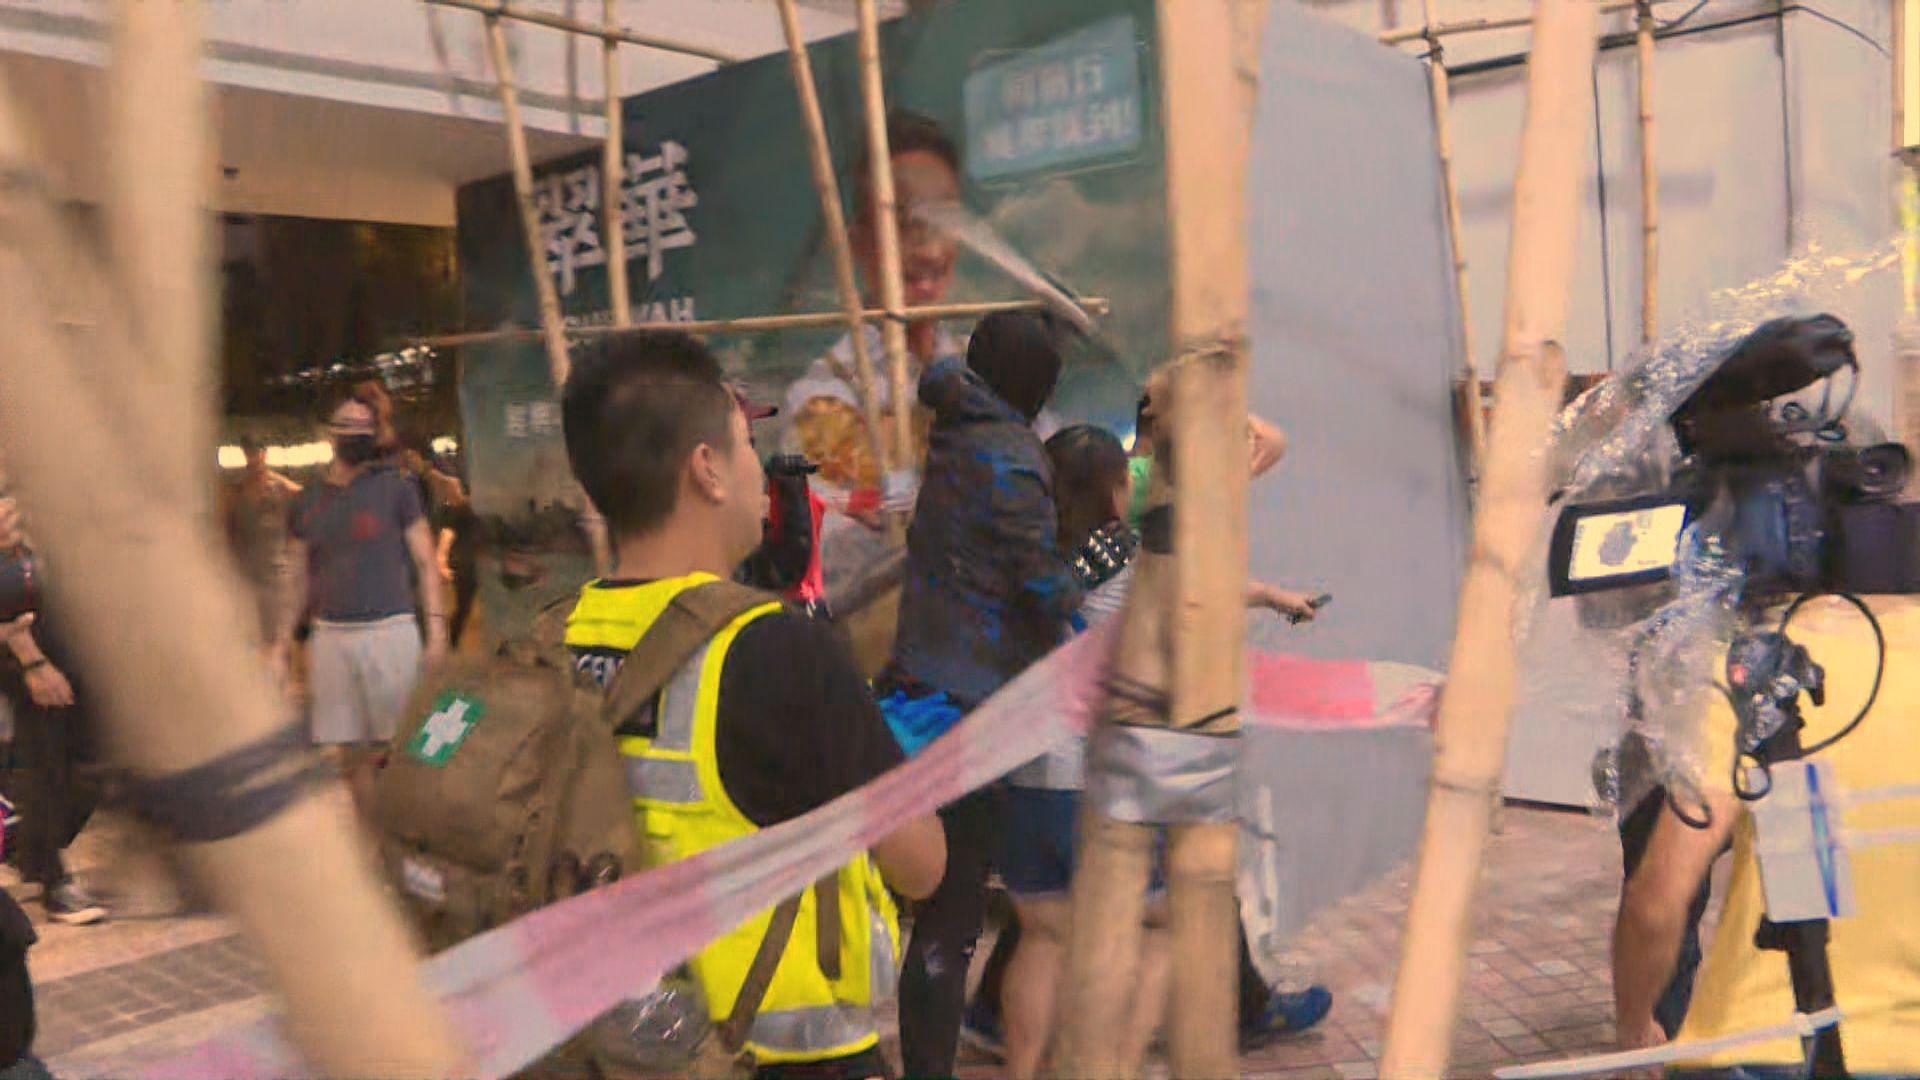 將軍澳有居民疑與示威者爭執遭人襲擊